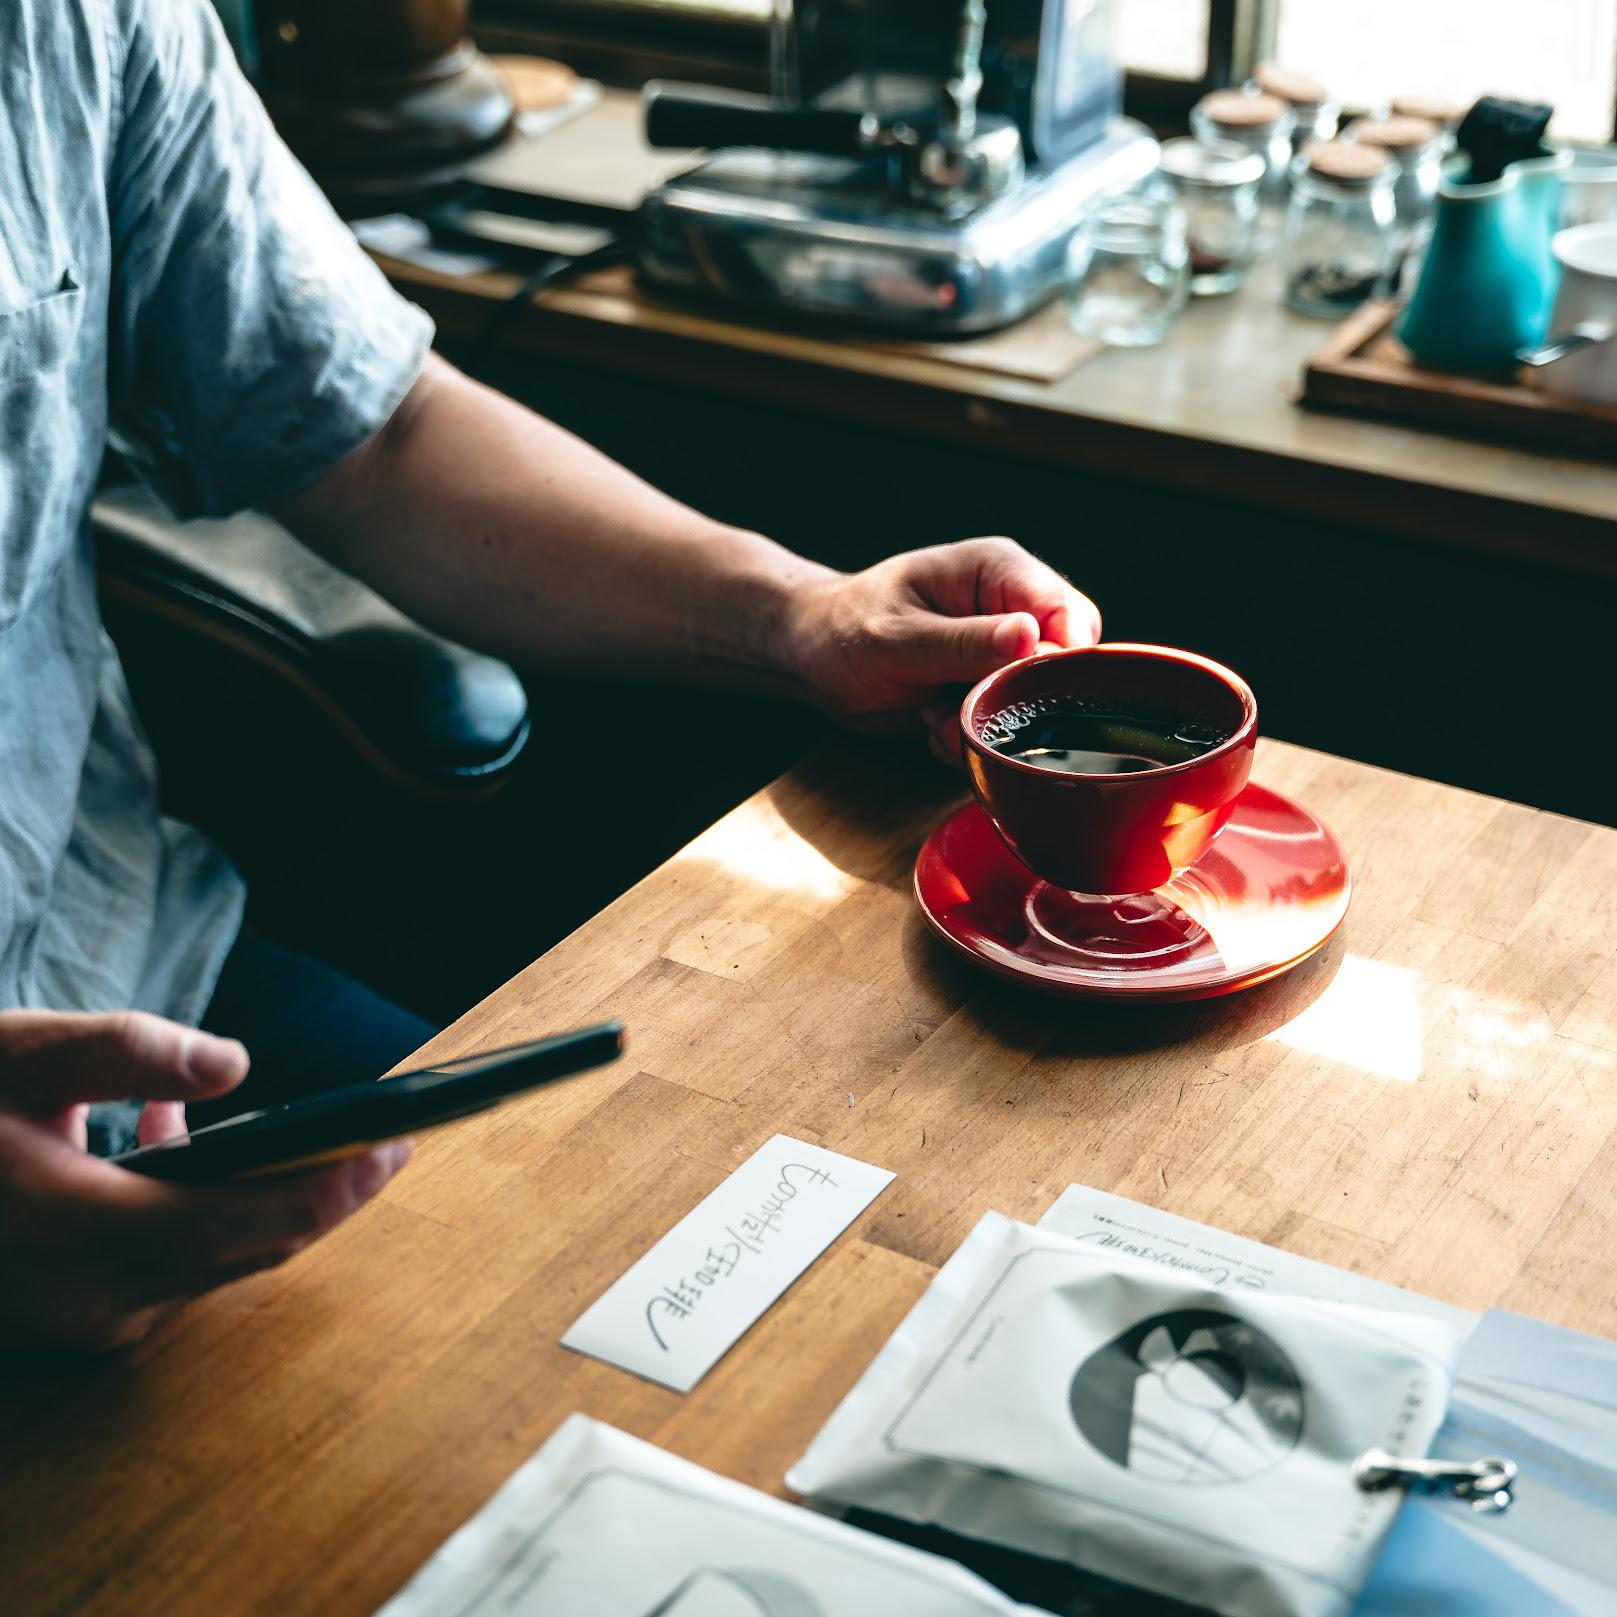 まずコーヒーがとても美味しい。書かれている説明通りに淹れると美味しいコーヒーが楽しめます。それを飲みながら2つの短編小説を読む。小説はQRコードをスマホで読み込んで見れます。いつもと違う珈琲時間を楽しめました。コーヒー、小説好きな人にはピッタリのサービス!